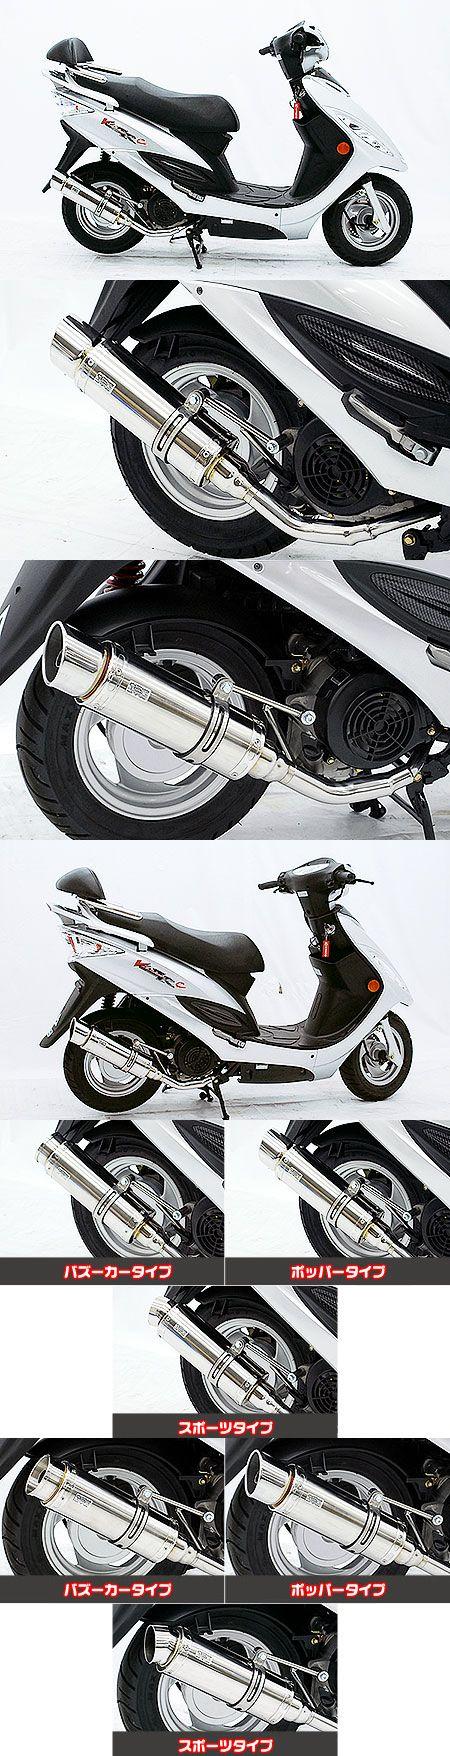 【WirusWin】Tiger auto聯名款 Royal全段排氣管 Popper型 附觸媒 (排氣淨化觸媒) - 「Webike-摩托百貨」